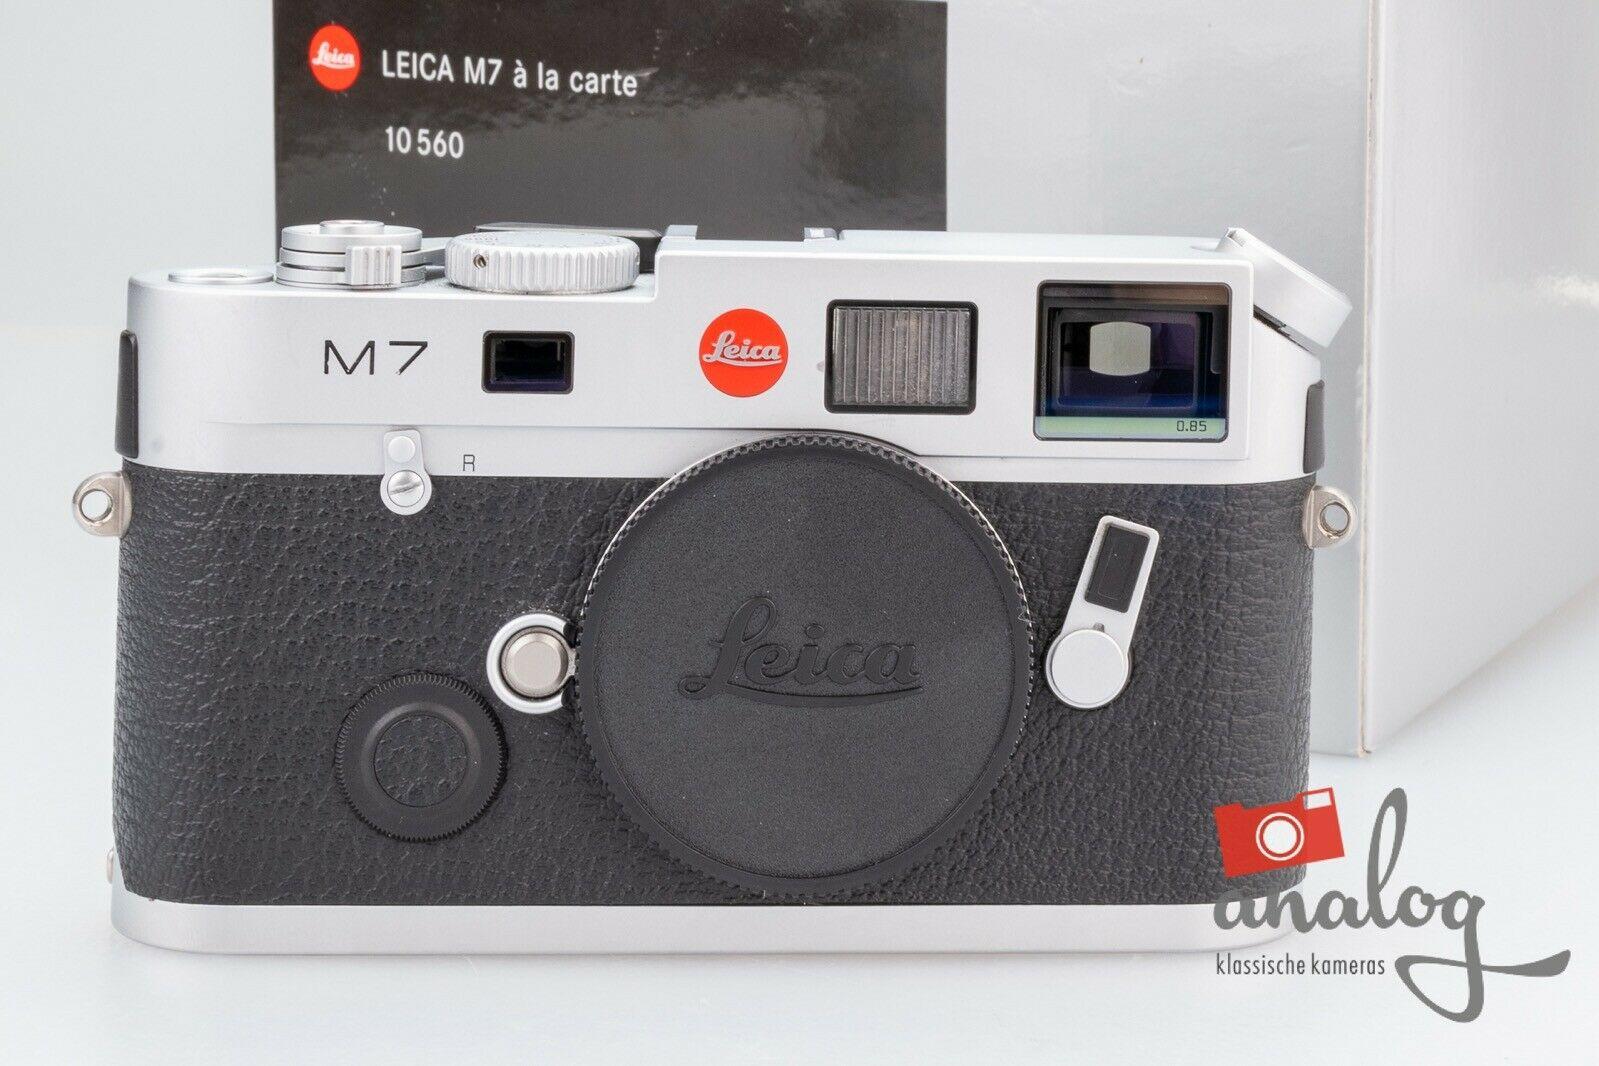 Leica M7 0.85 chrom - á la carte - 10560   Leica Service